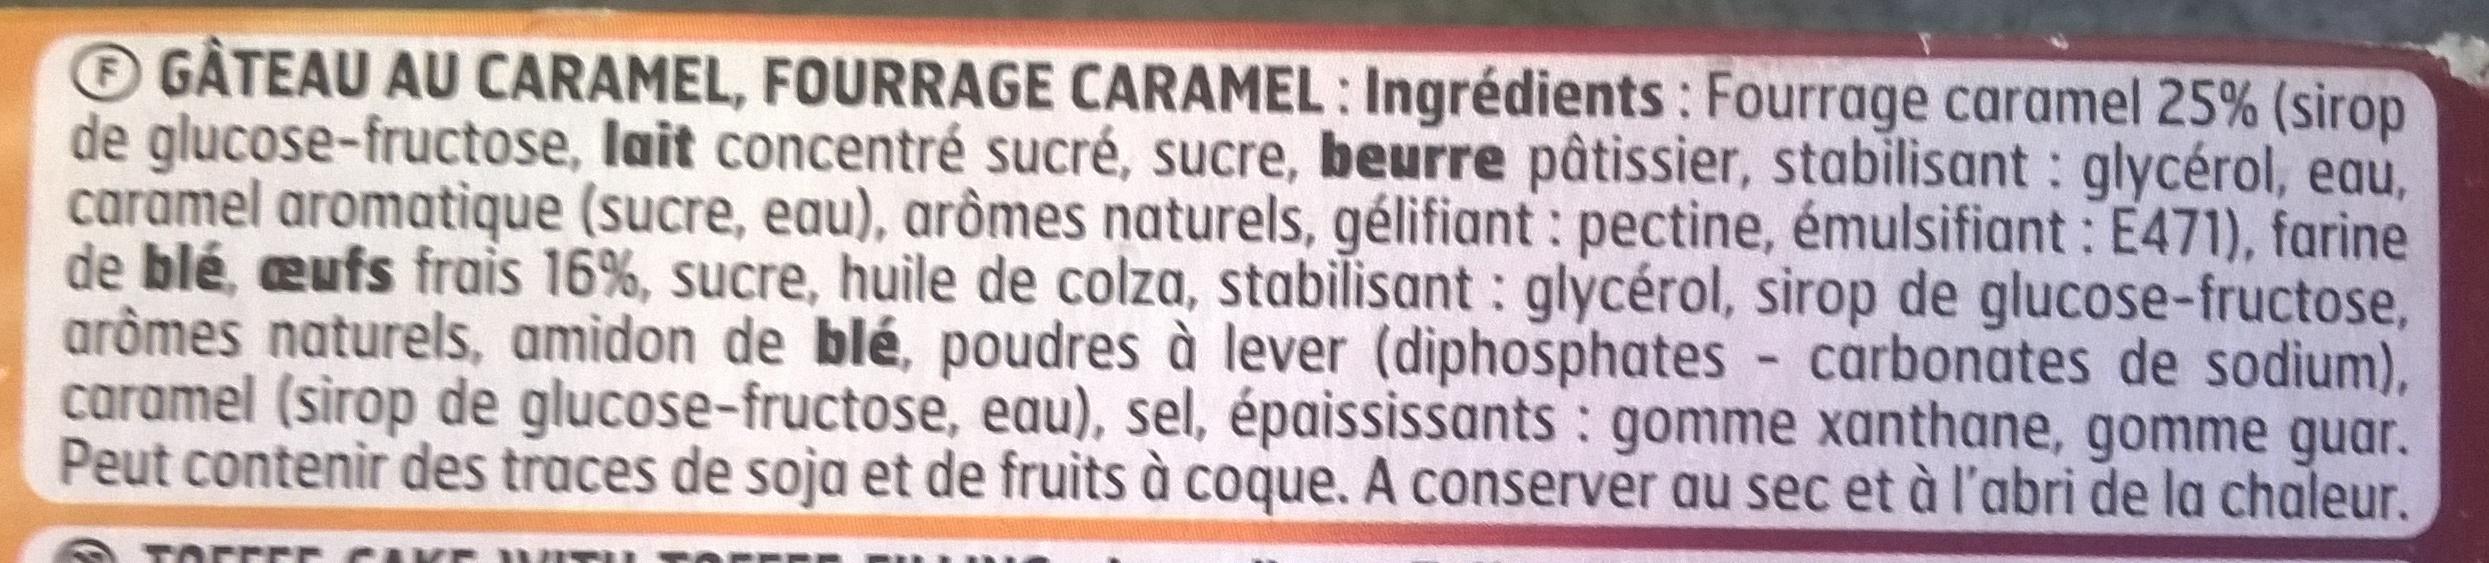 Goûters Tout caramel - Ingrédients - fr